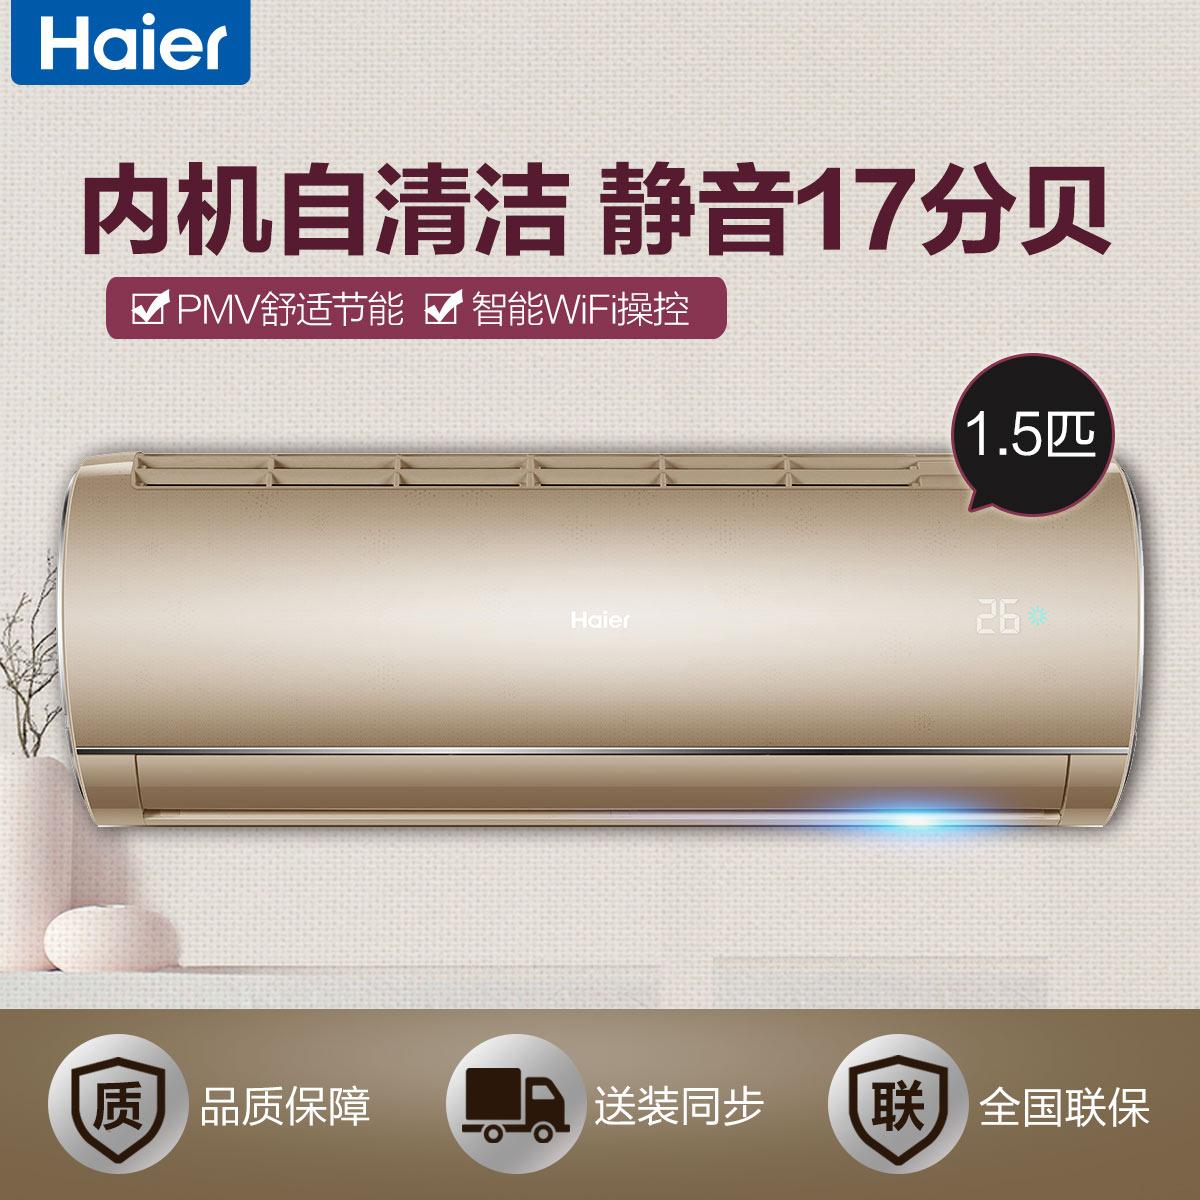 Haier/海尔 无氟变频壁挂式空调 KFR-35GW/28GTM23AU1套机 1.5匹智能变频空调/内机自清洁/芳华系列